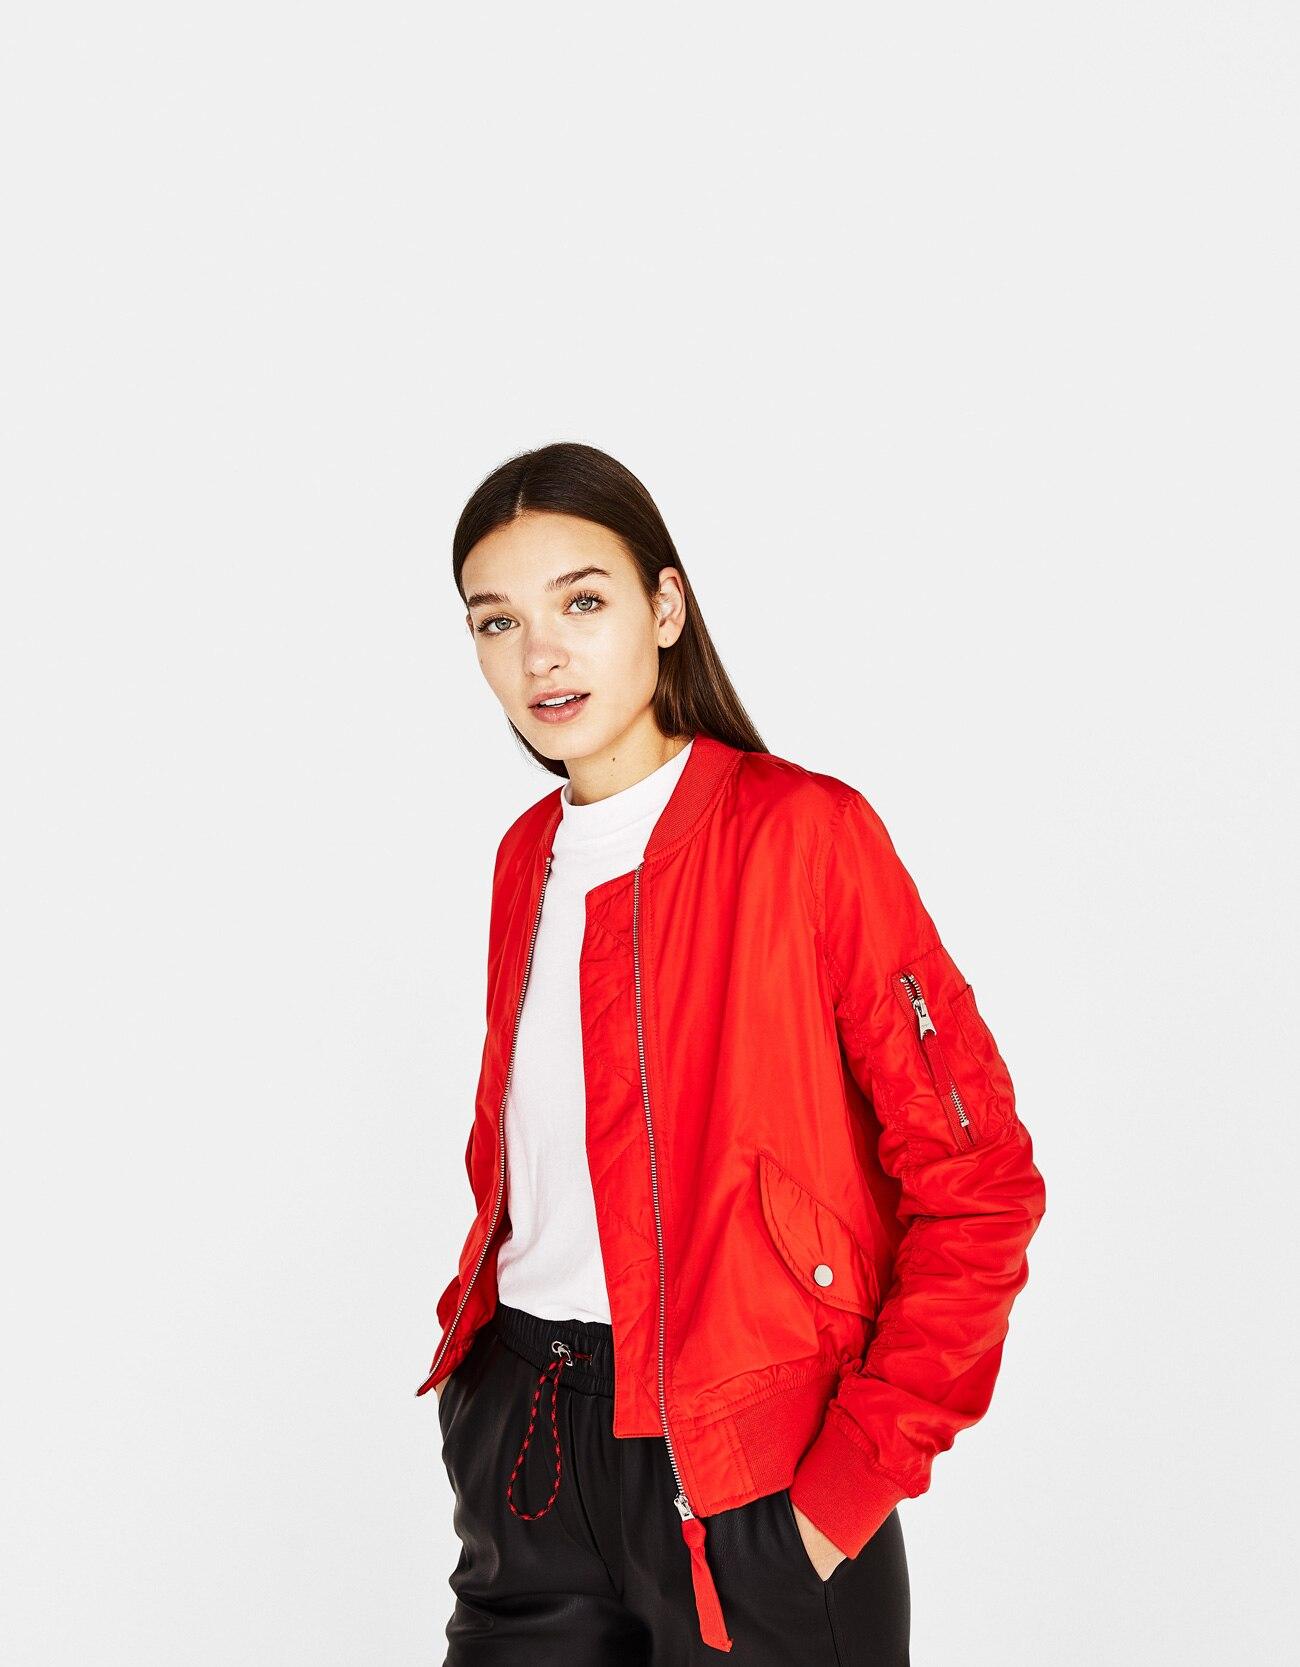 Short Red Bomber Jacket Coat Women Zipper Vintage Casual Streetwear ... 14f6996ac